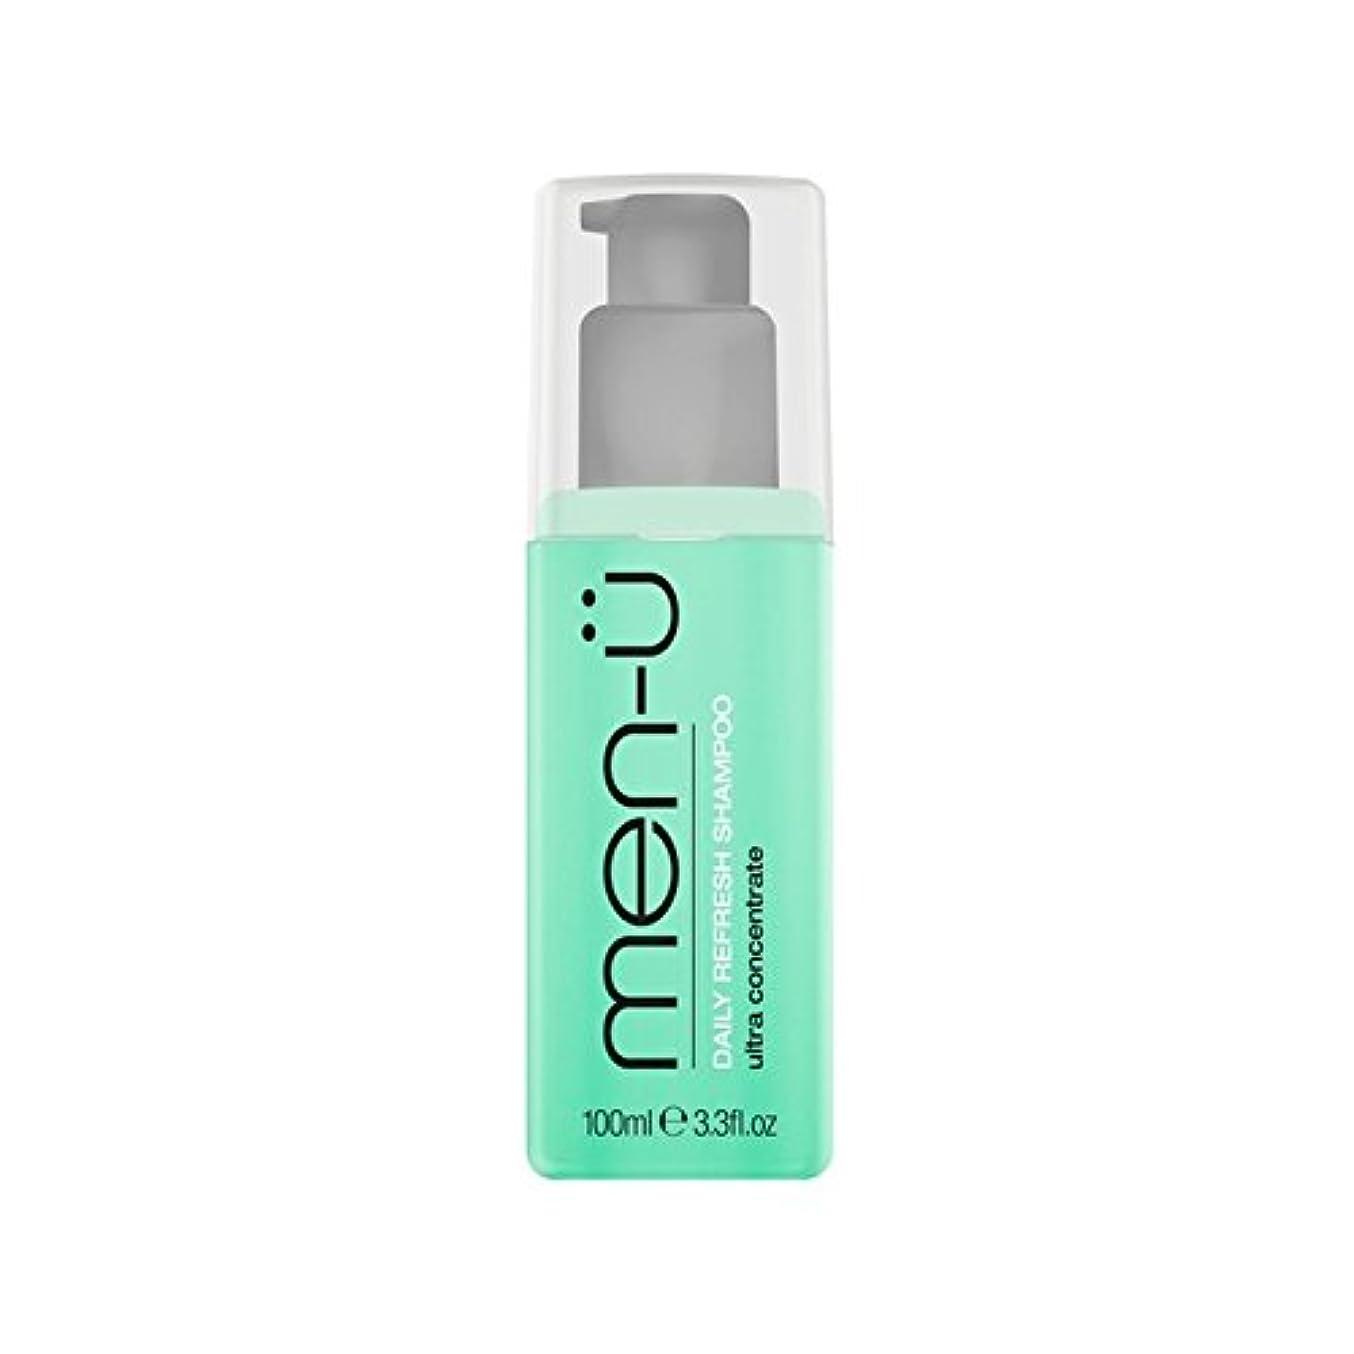 解く渇き荒れ地Men-? Daily Refresh Shampoo (100ml) - 男性-?毎日リフレッシュシャンプー(100ミリリットル) [並行輸入品]